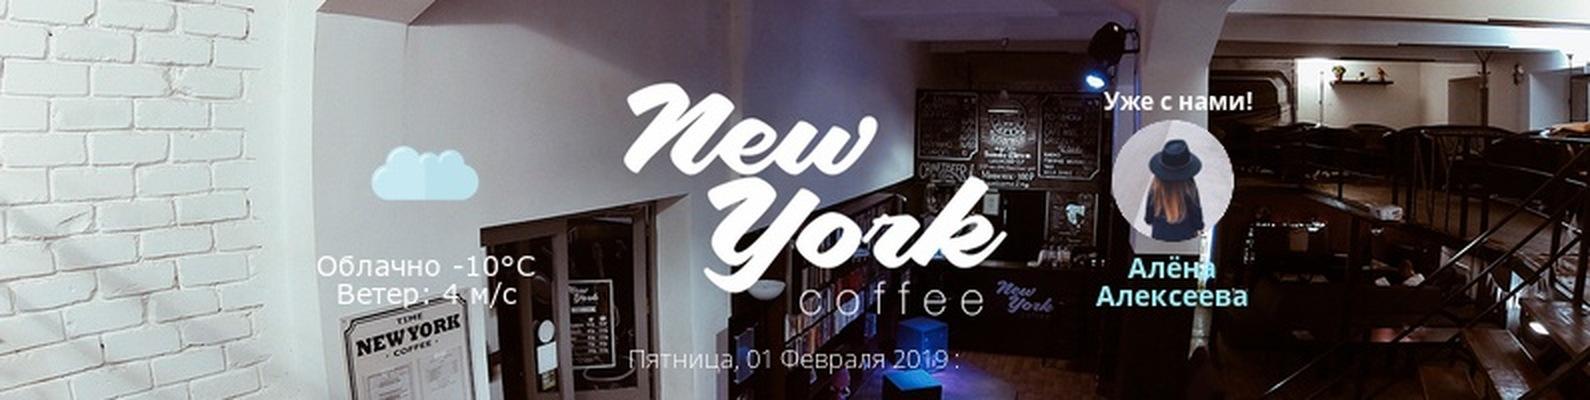 766d869cb490 Кофейня New York Coffee   Казань   ВКонтакте